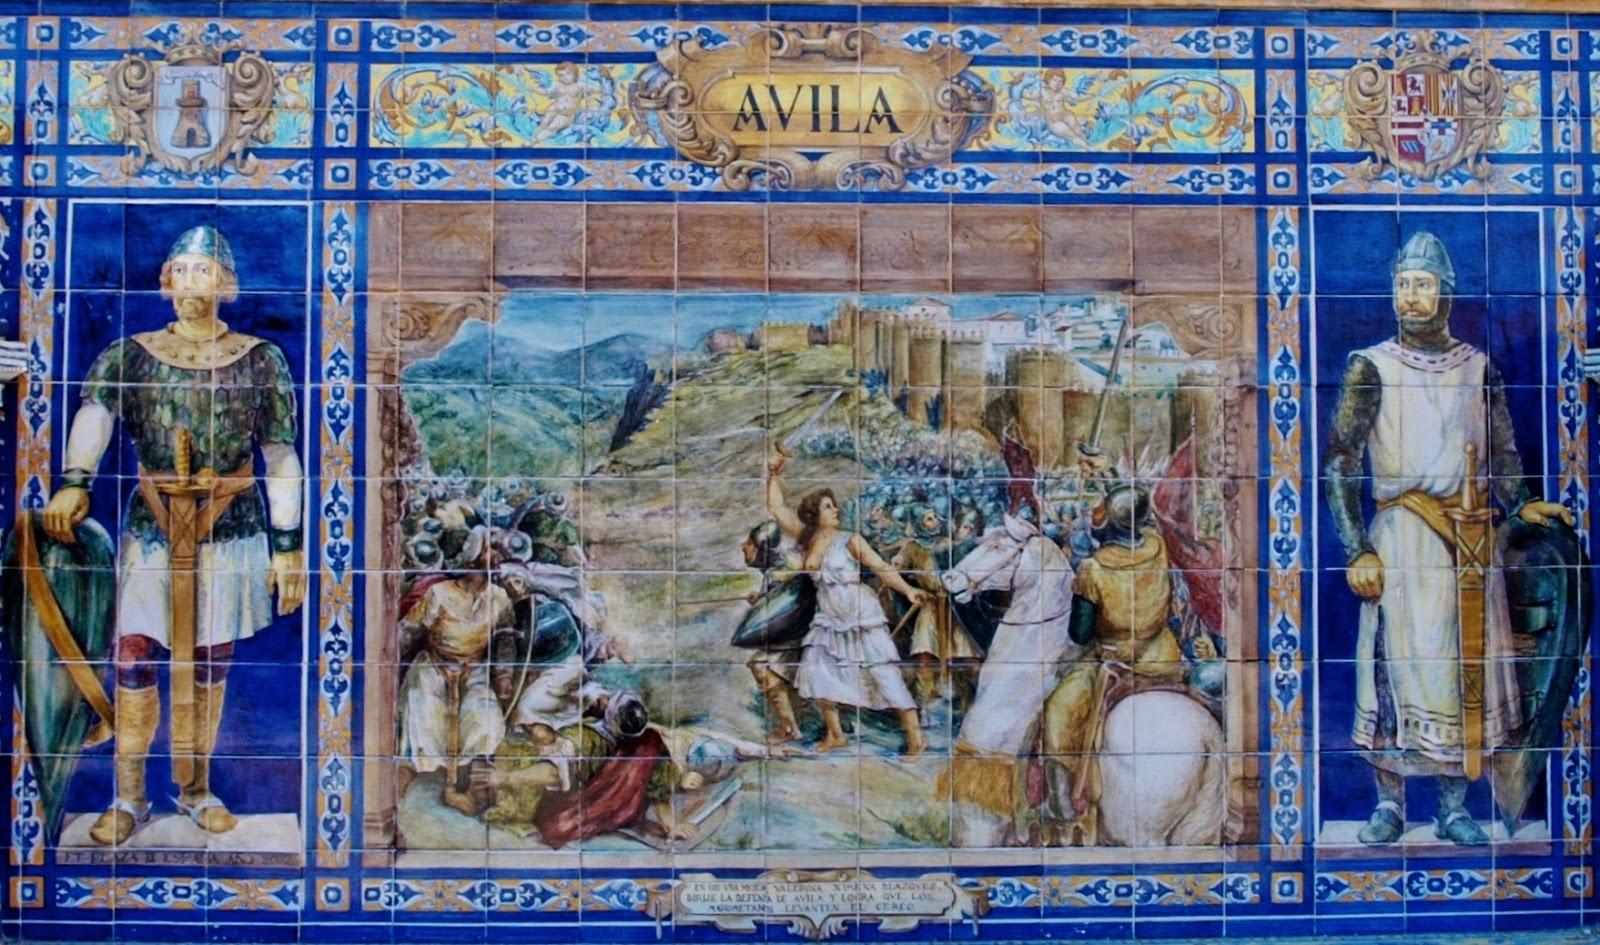 cerámica de Triana plaza de España, Ávila